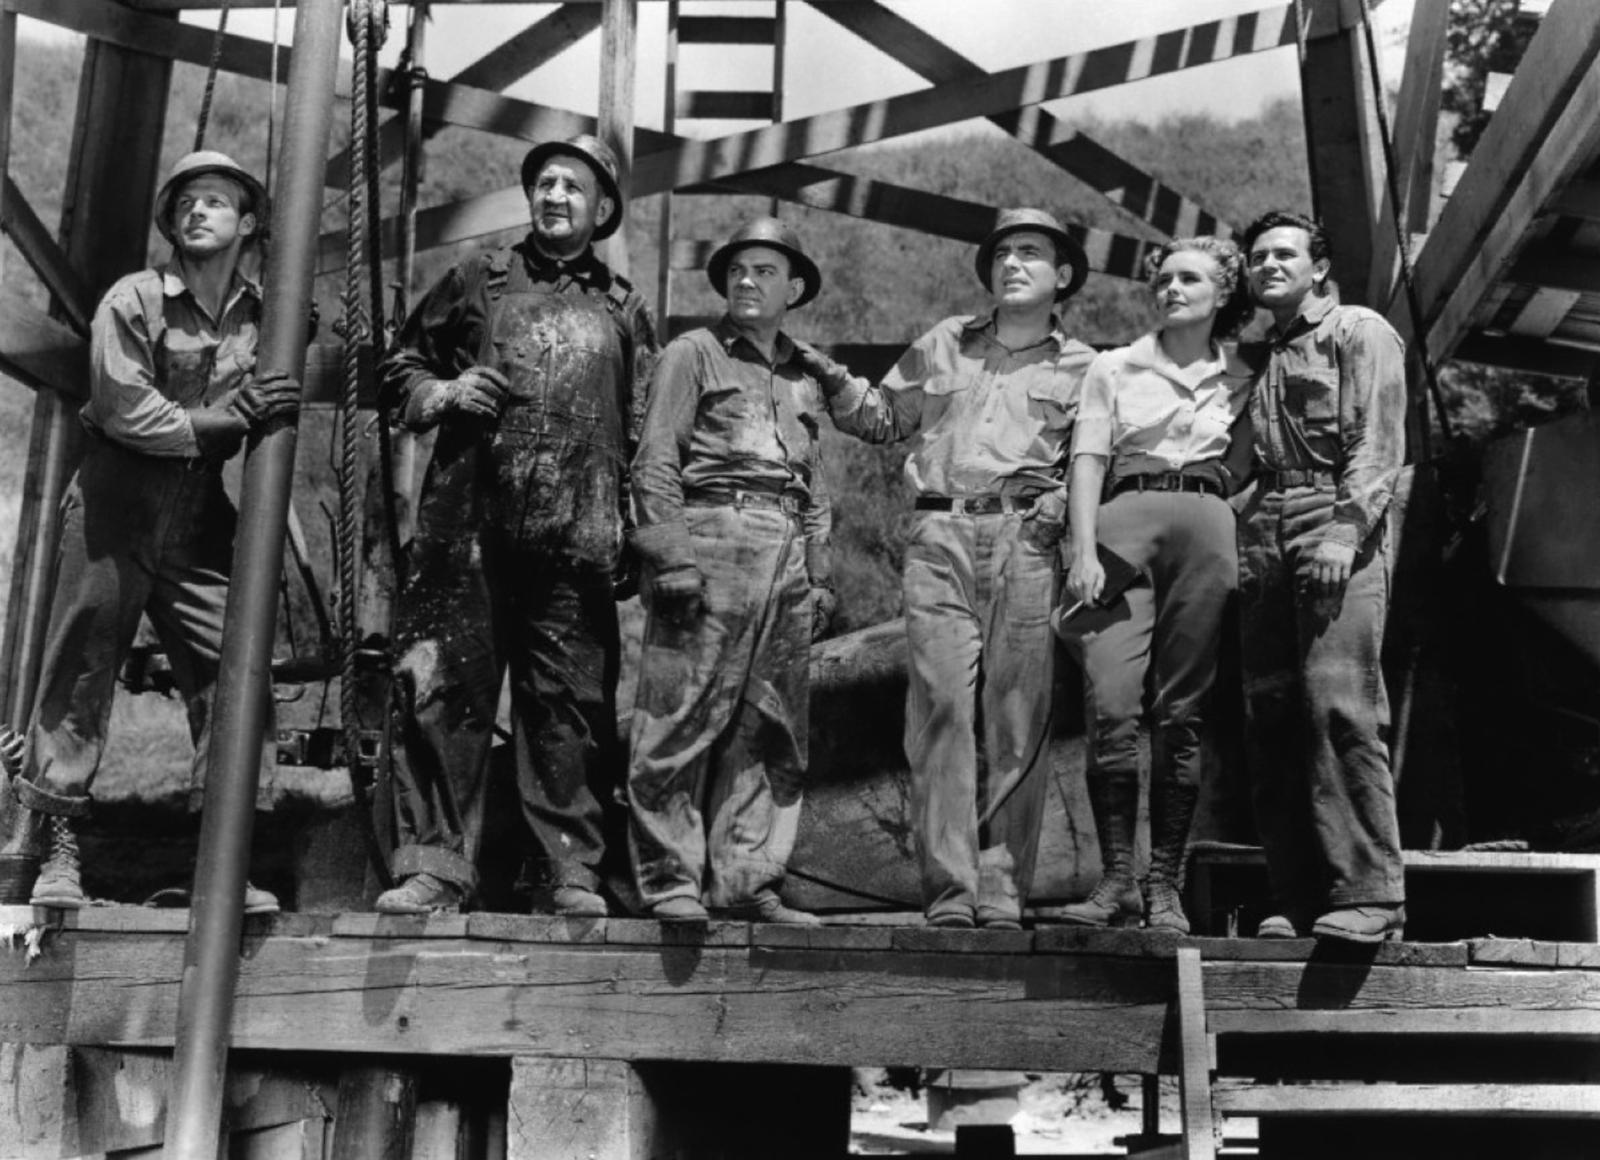 Frances Farmer with Tom Kennedy, Cliff Edwards, Pat O'Brien, Frances Farmer, John Garfield